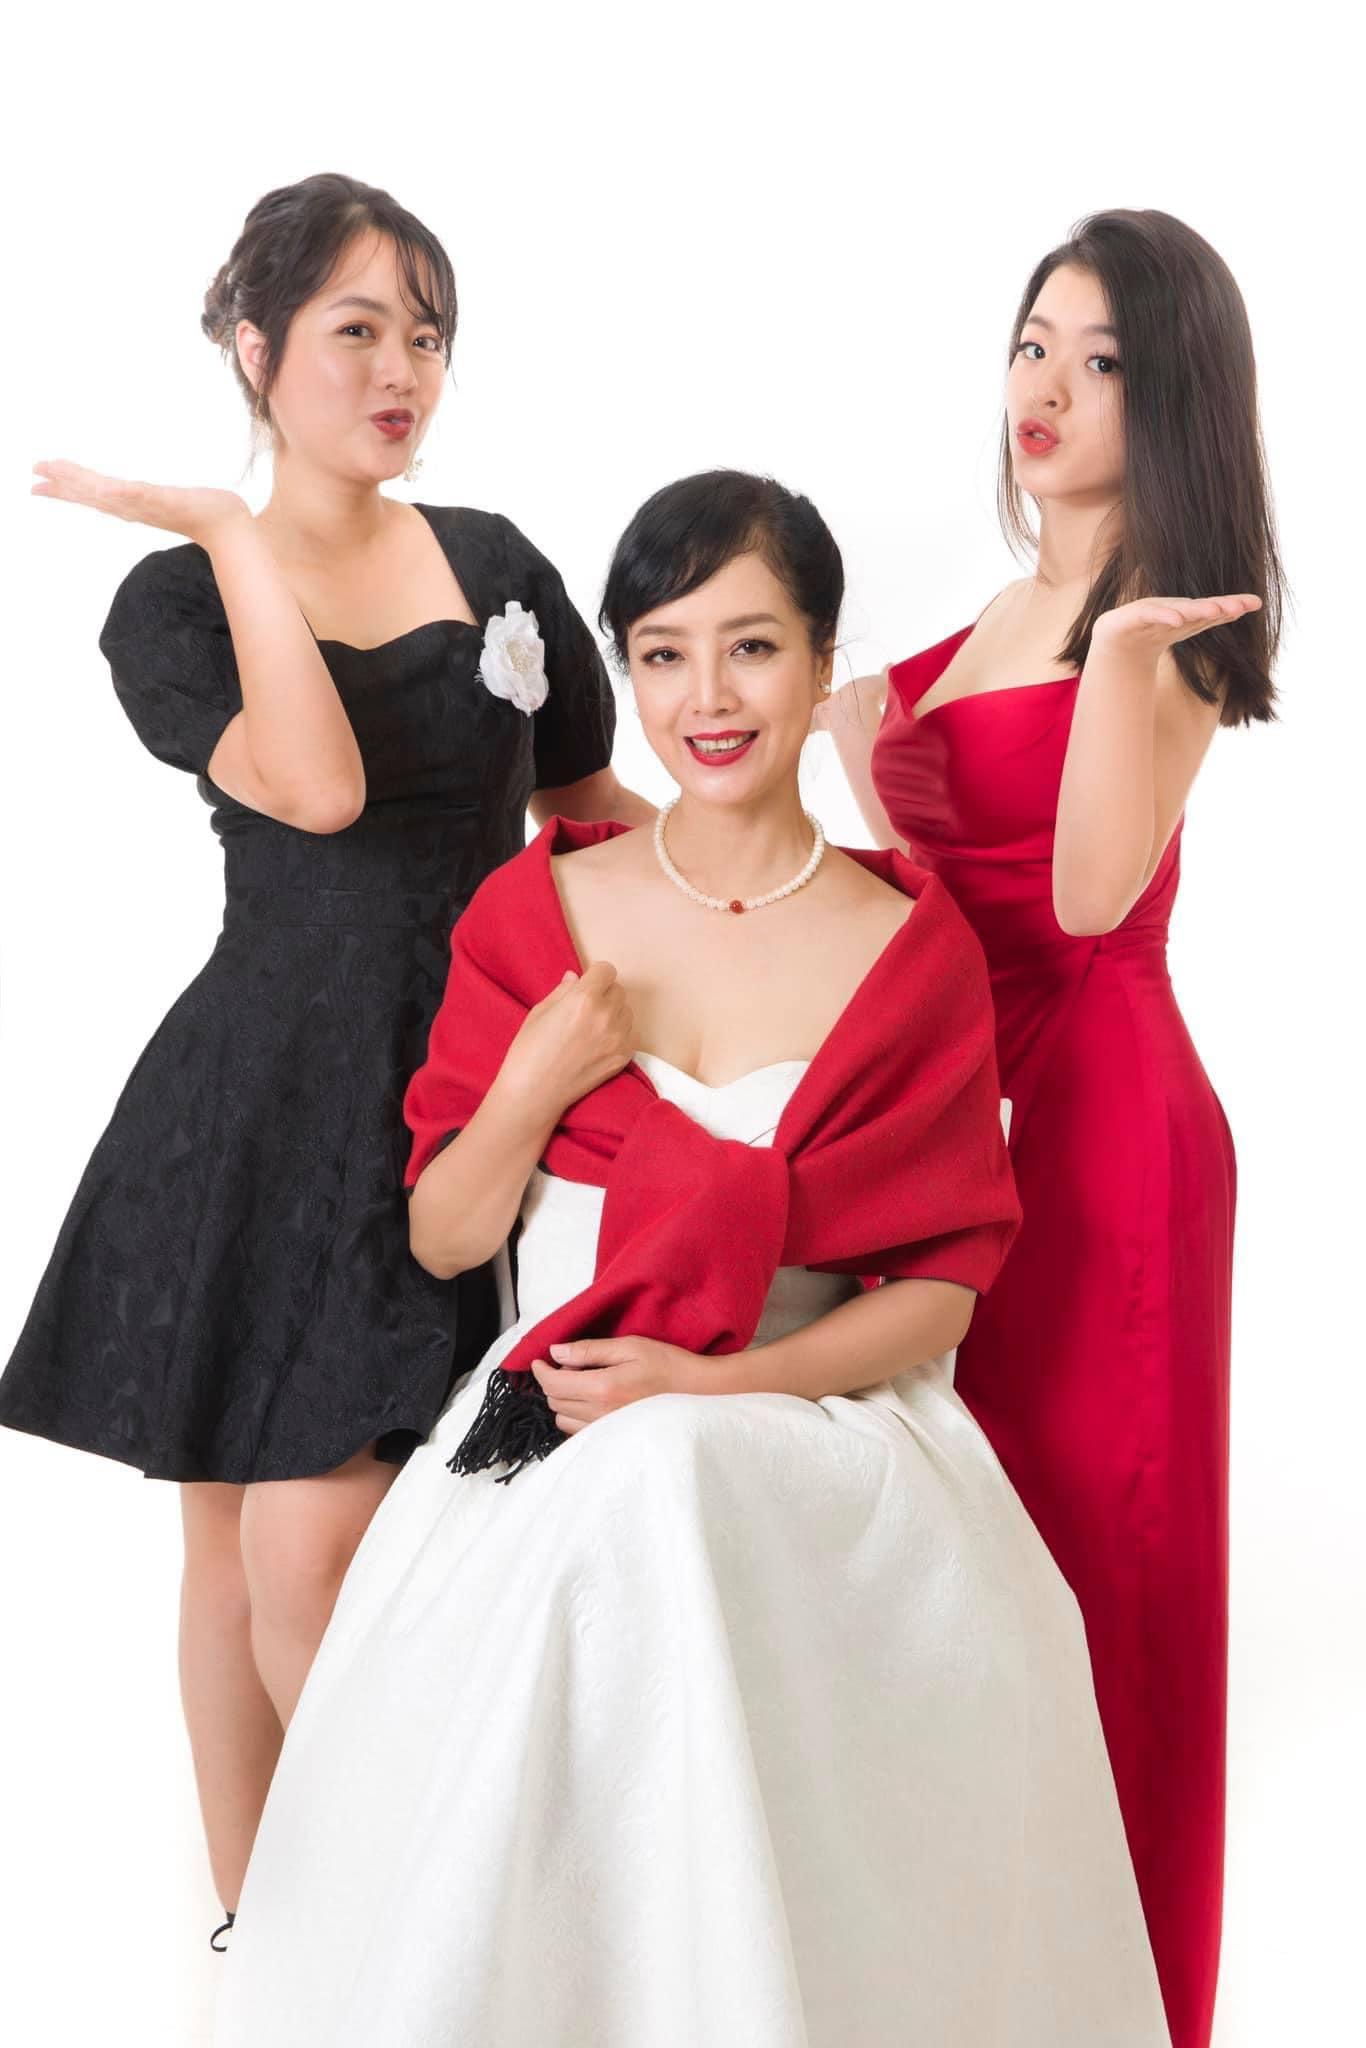 Con gái NSƯT Chiều Xuân: Mẹ rất khó chịu khi tôi có bạn trai ở tuổi 16 - Ảnh 4.